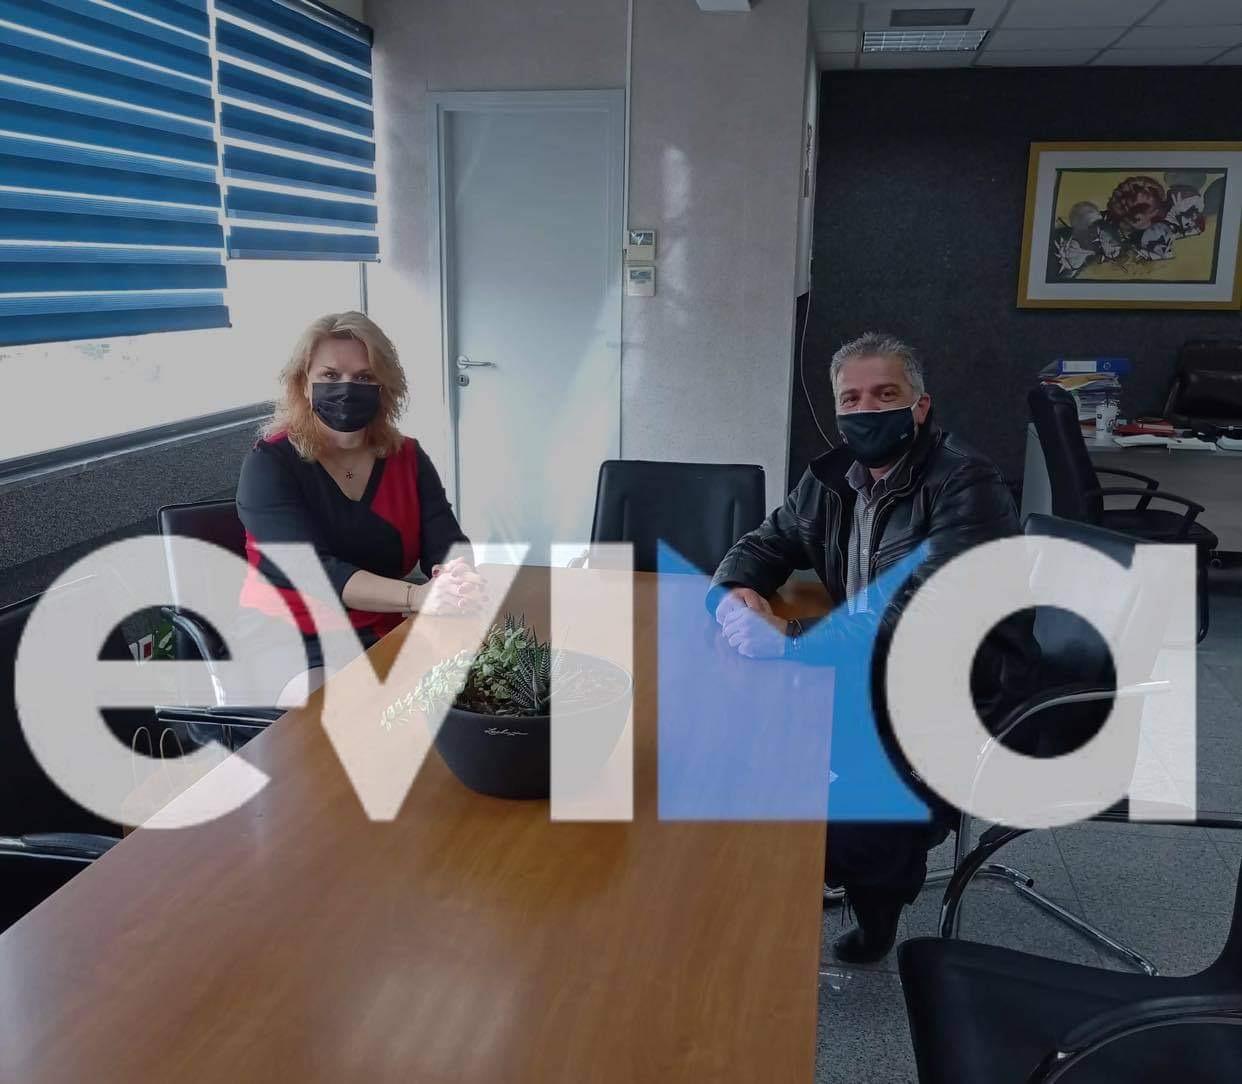 Εύβοια – Χαλκίδα: Σε πολύ καλό κλίμα η συνάντηση Μαυρίκου – Βάκα